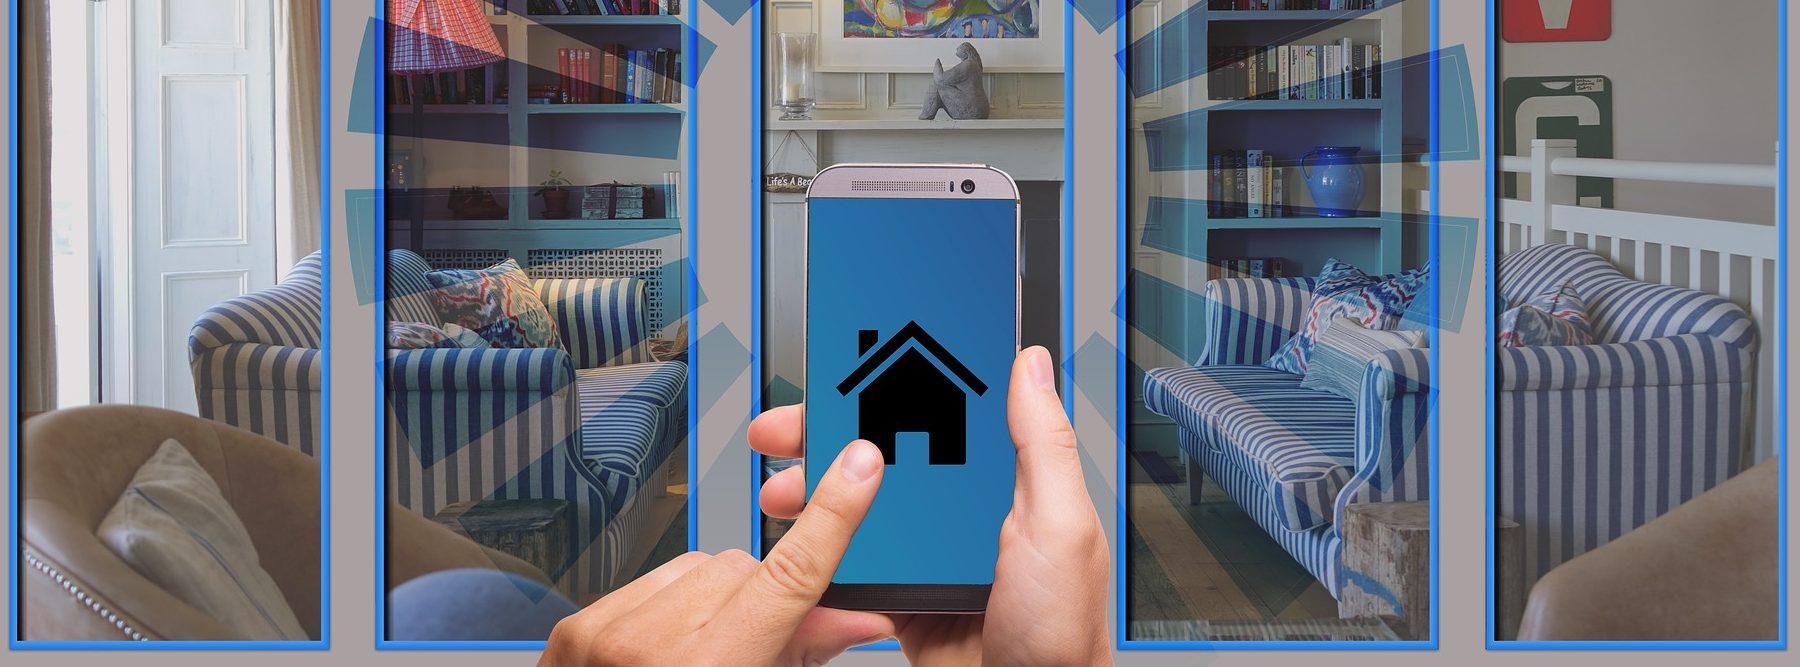 IKEA lanza las nuevas persianas inteligentes para hogares conectados